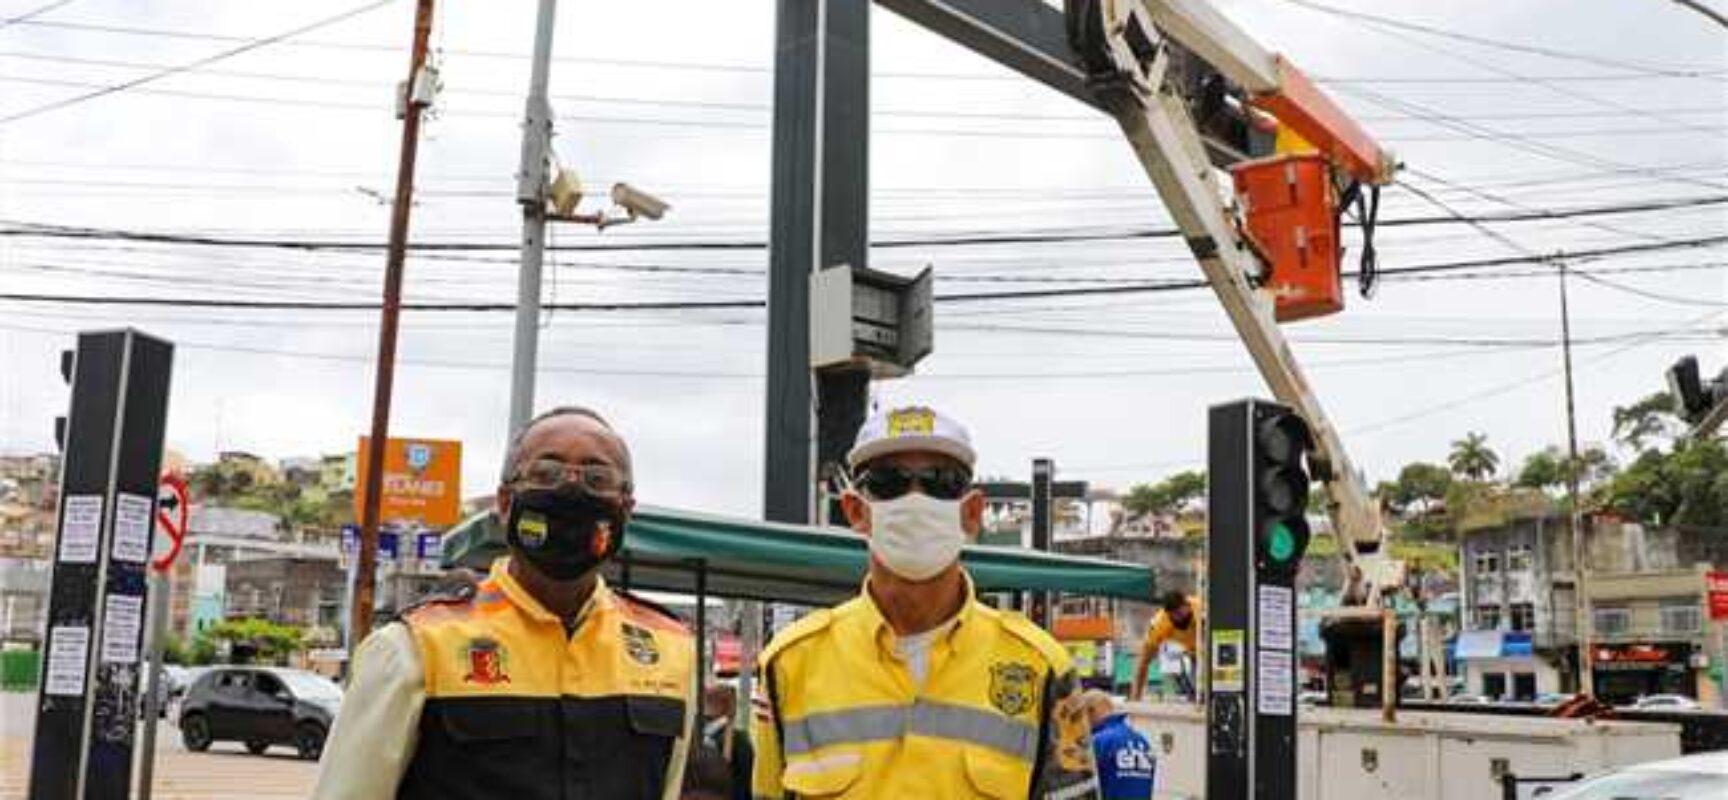 Prefeitura de Ilhéus inicia manutenção nos semáforos da cidade